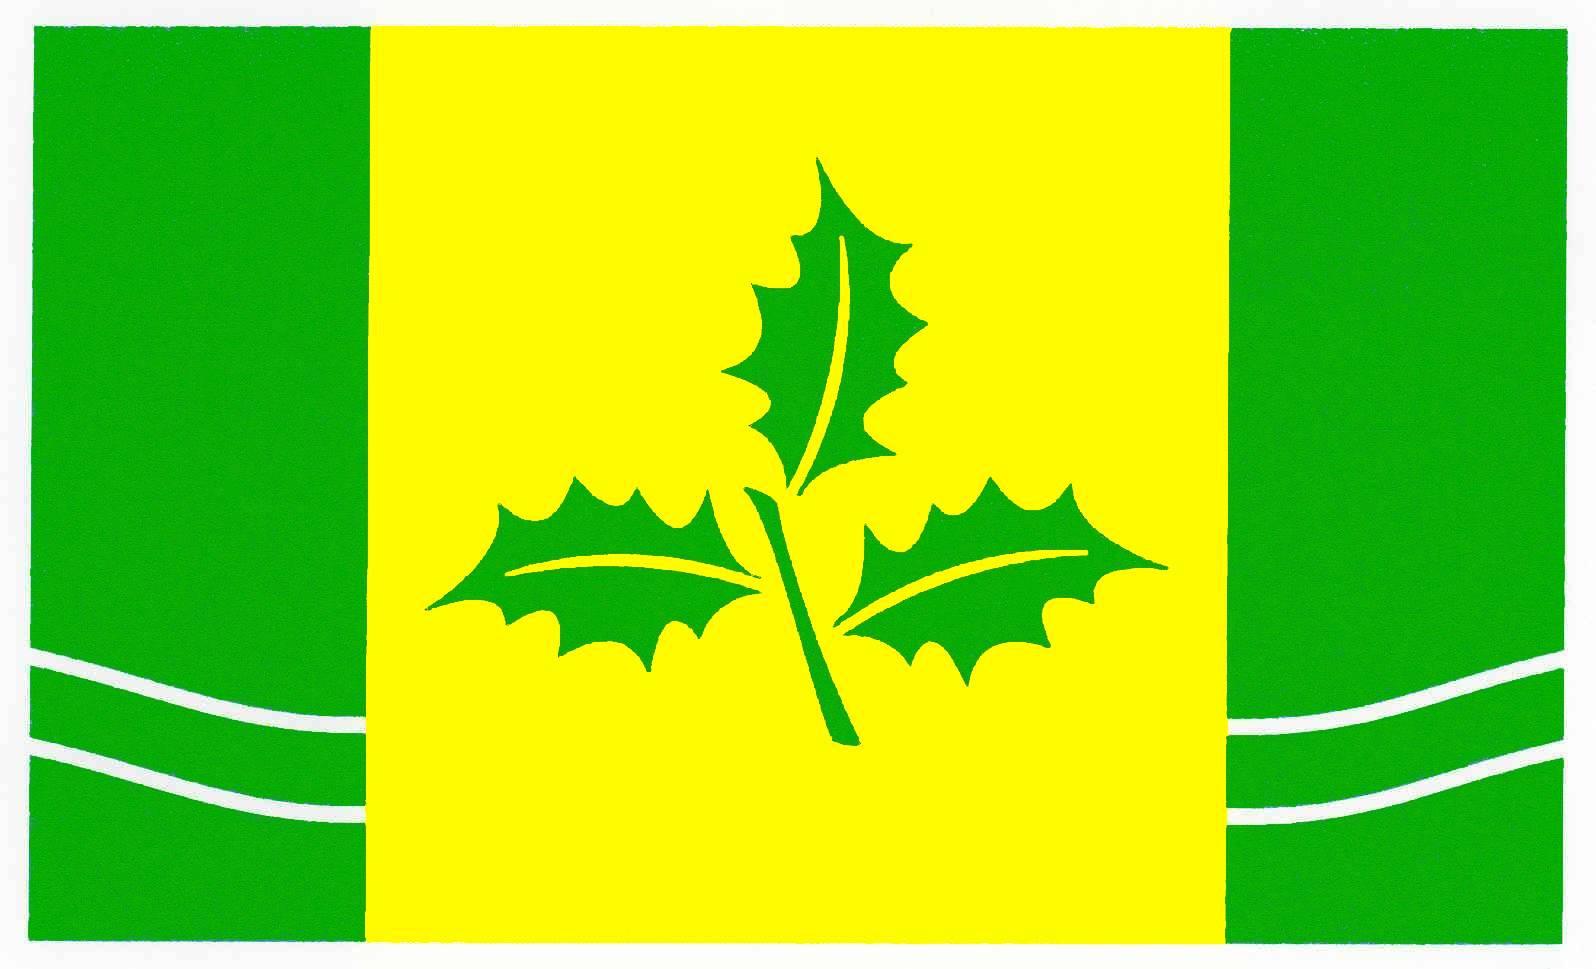 Flagge GemeindeKattendorf, Kreis Segeberg